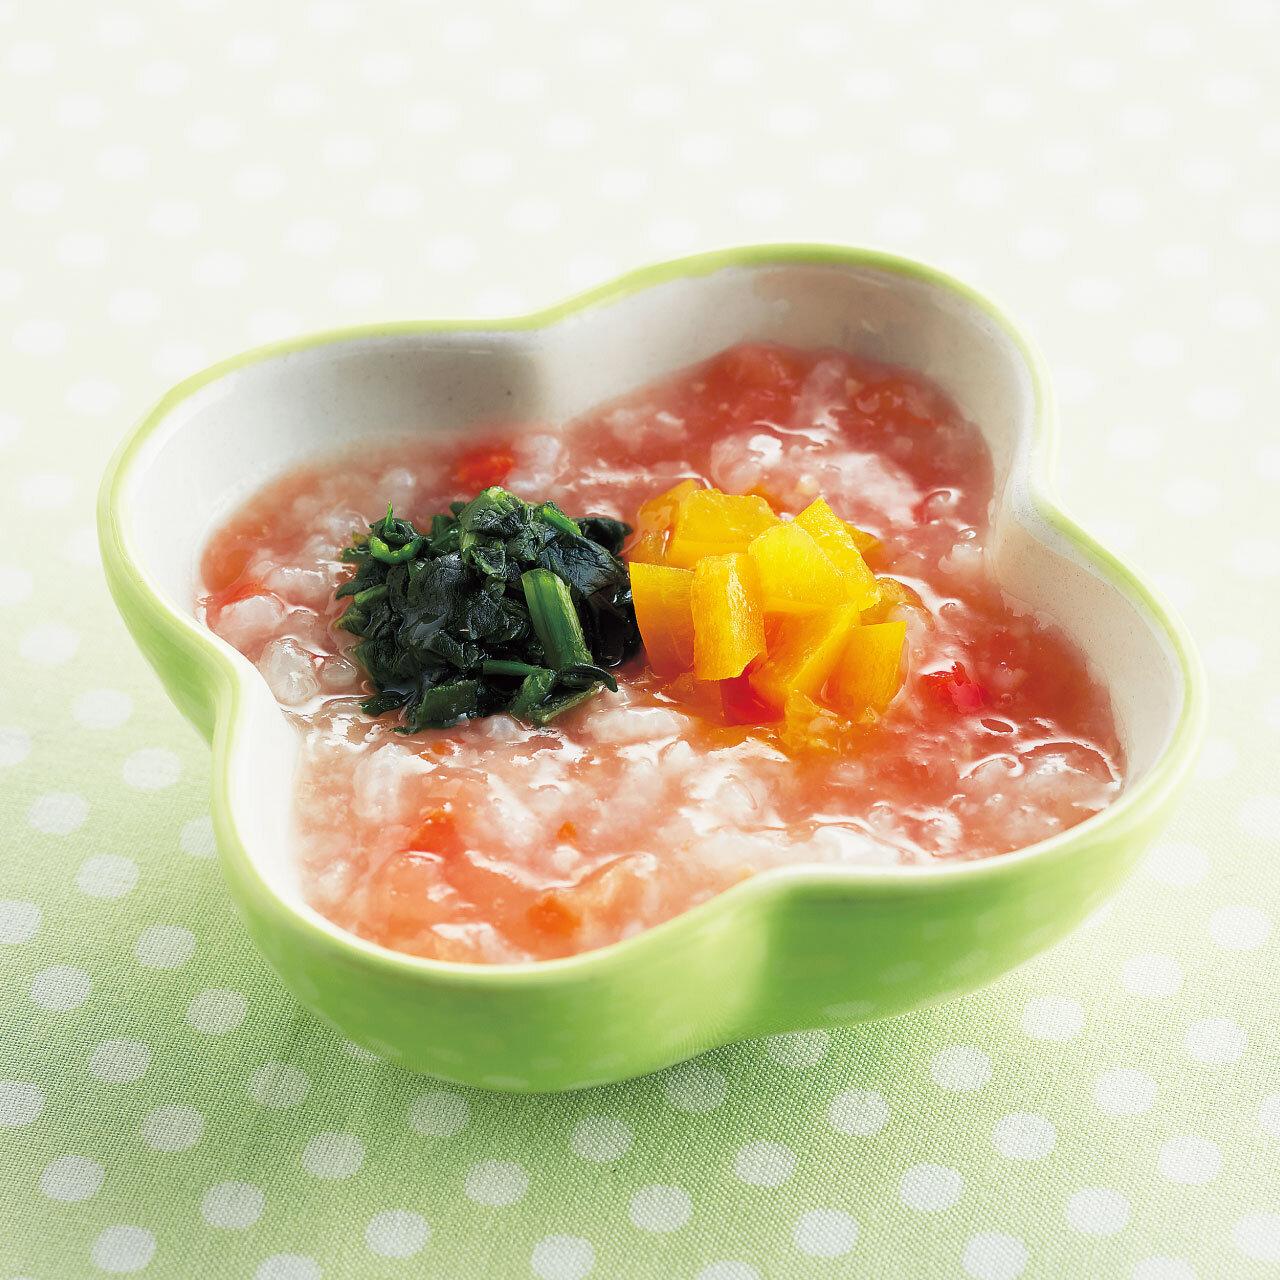 【かみかみ期】おかゆサラダ